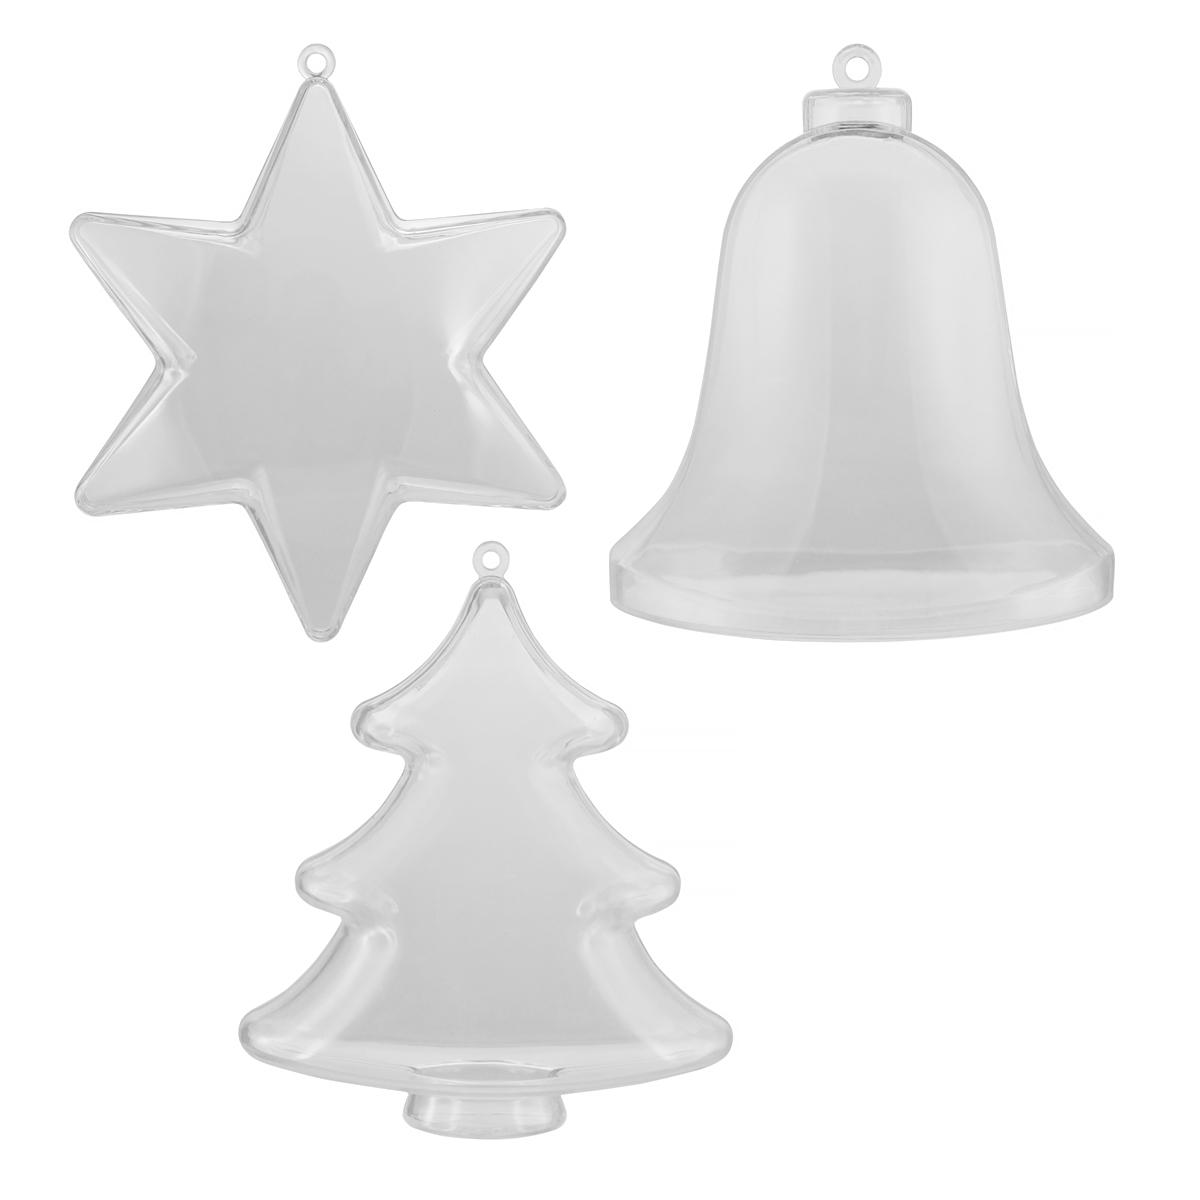 Forme din Plastic, Transparente, Diferite Forme, 100 Milimetri, Meyco, 45107, 45108, 45109